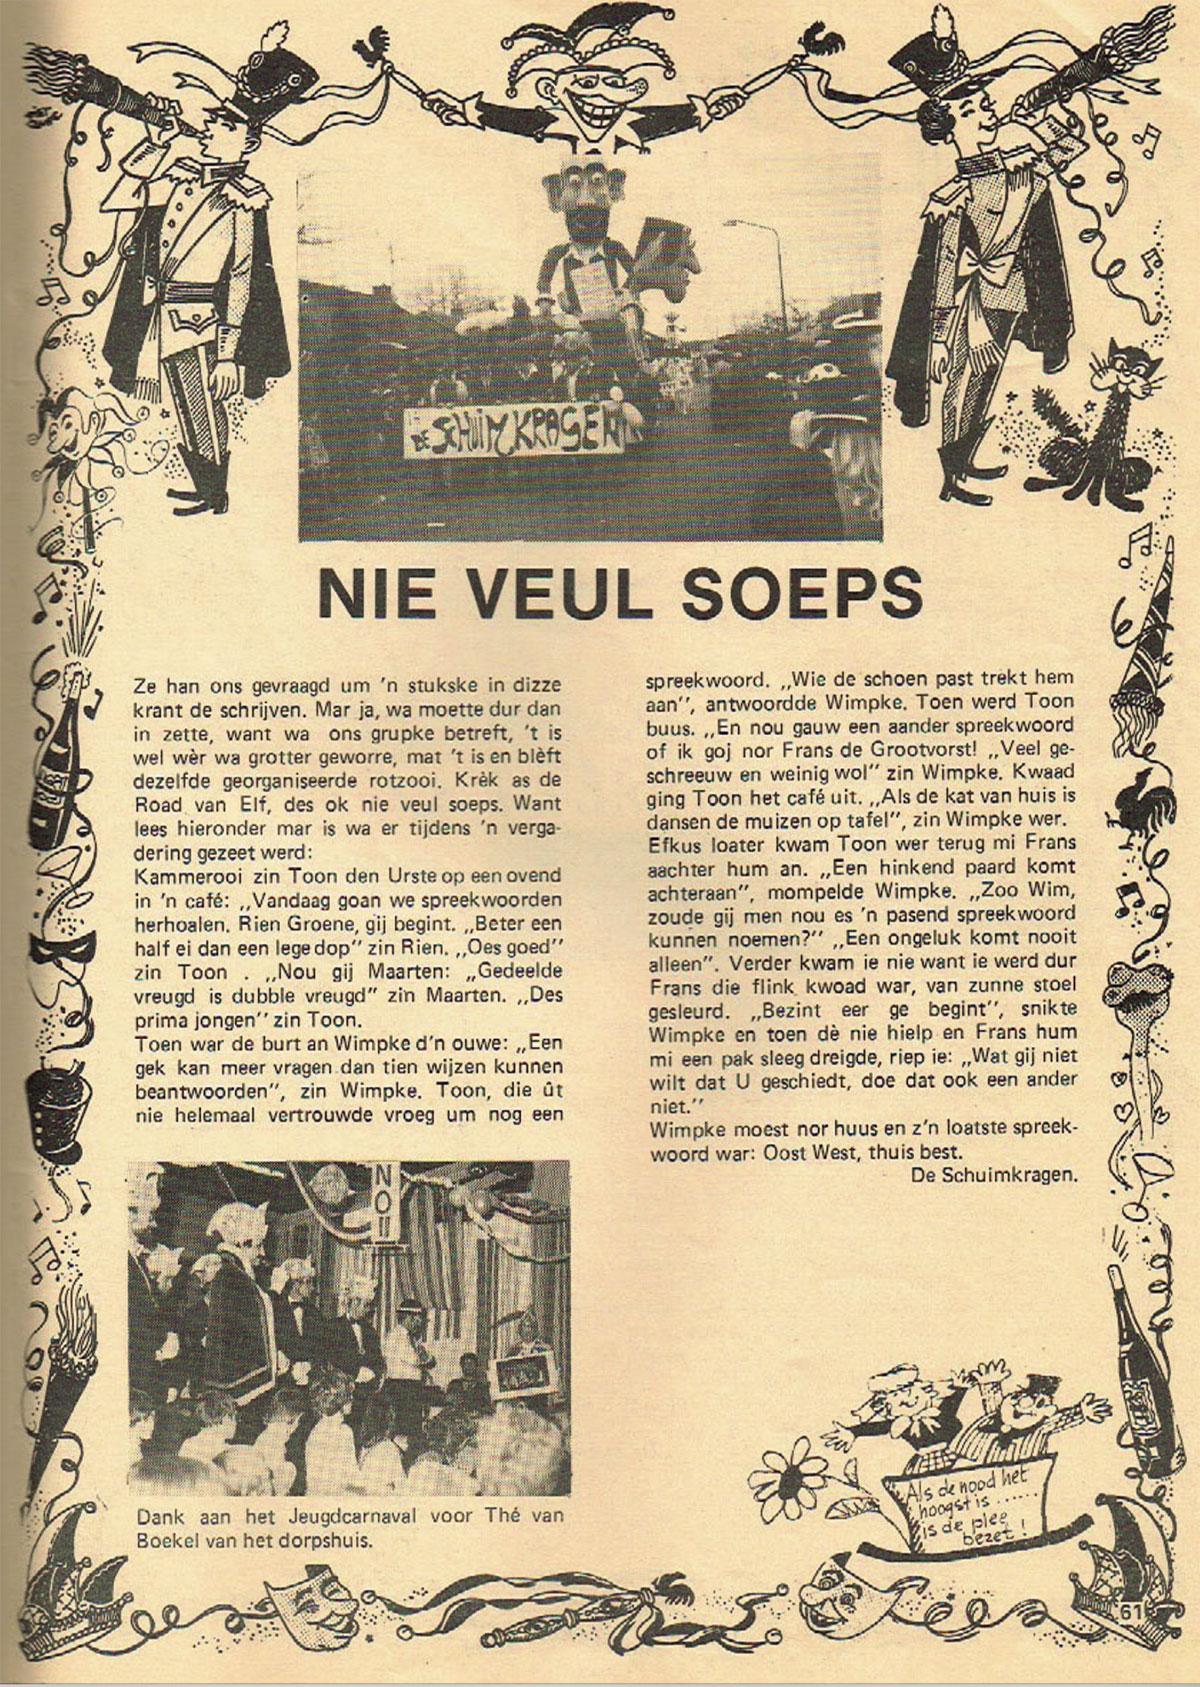 Stukje uit de carnavalskrant van de Schuimkragen - 1982